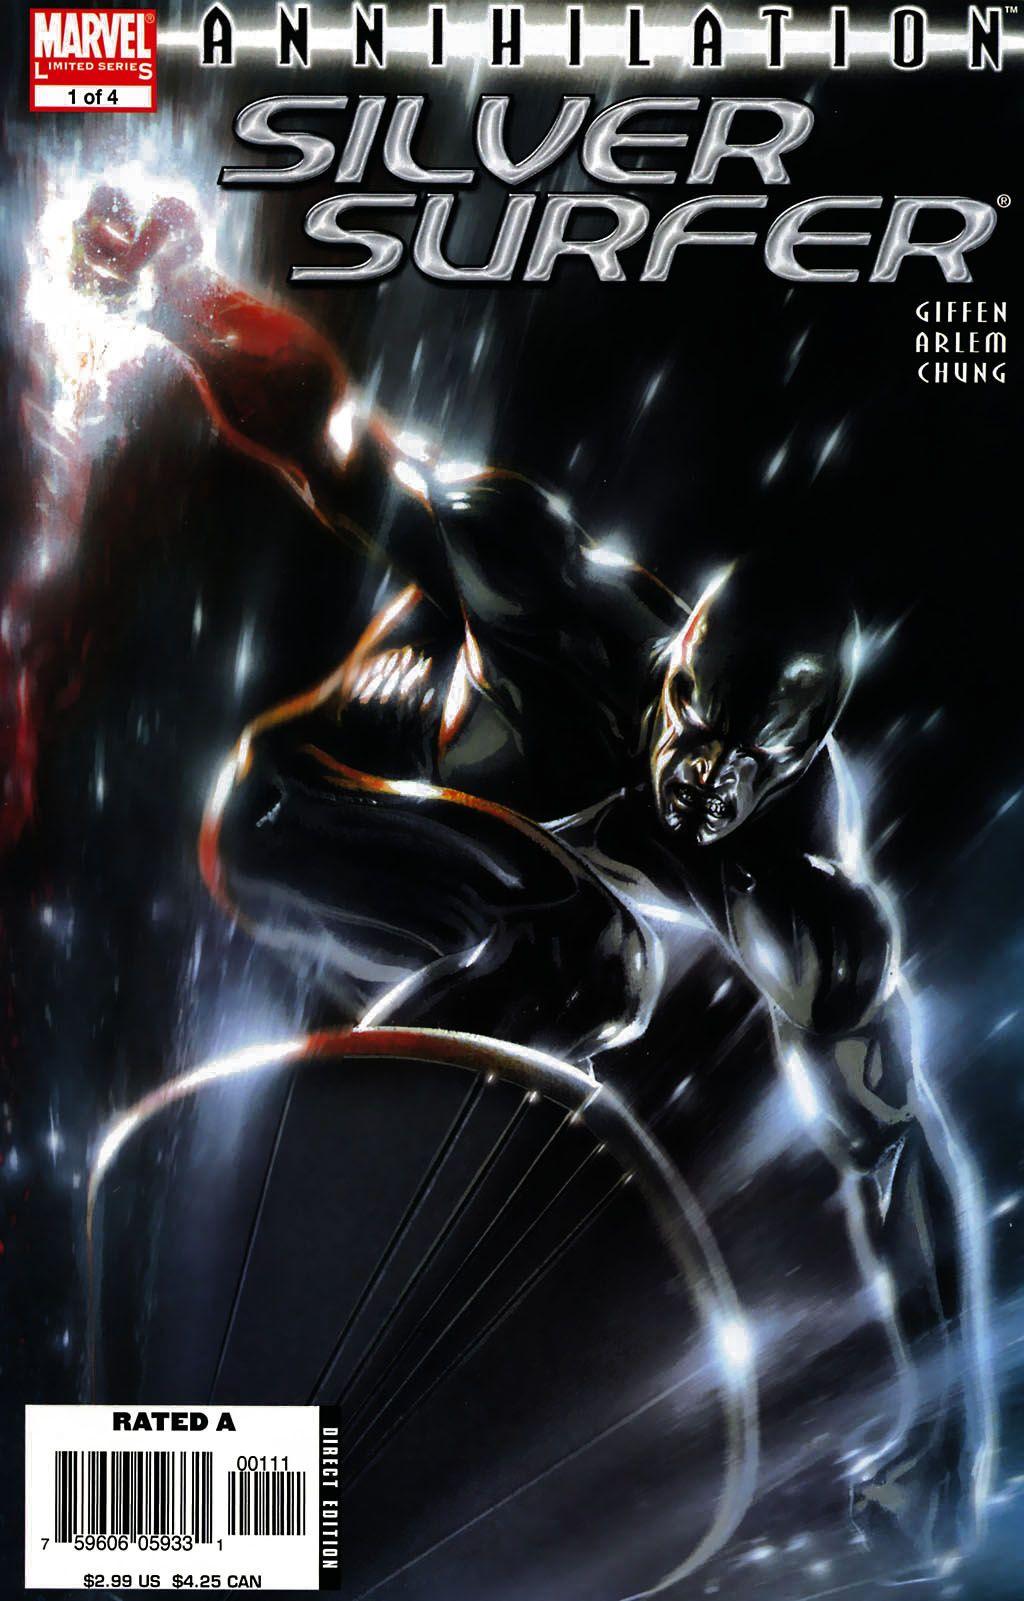 Annihilation: Silver Surfer #1